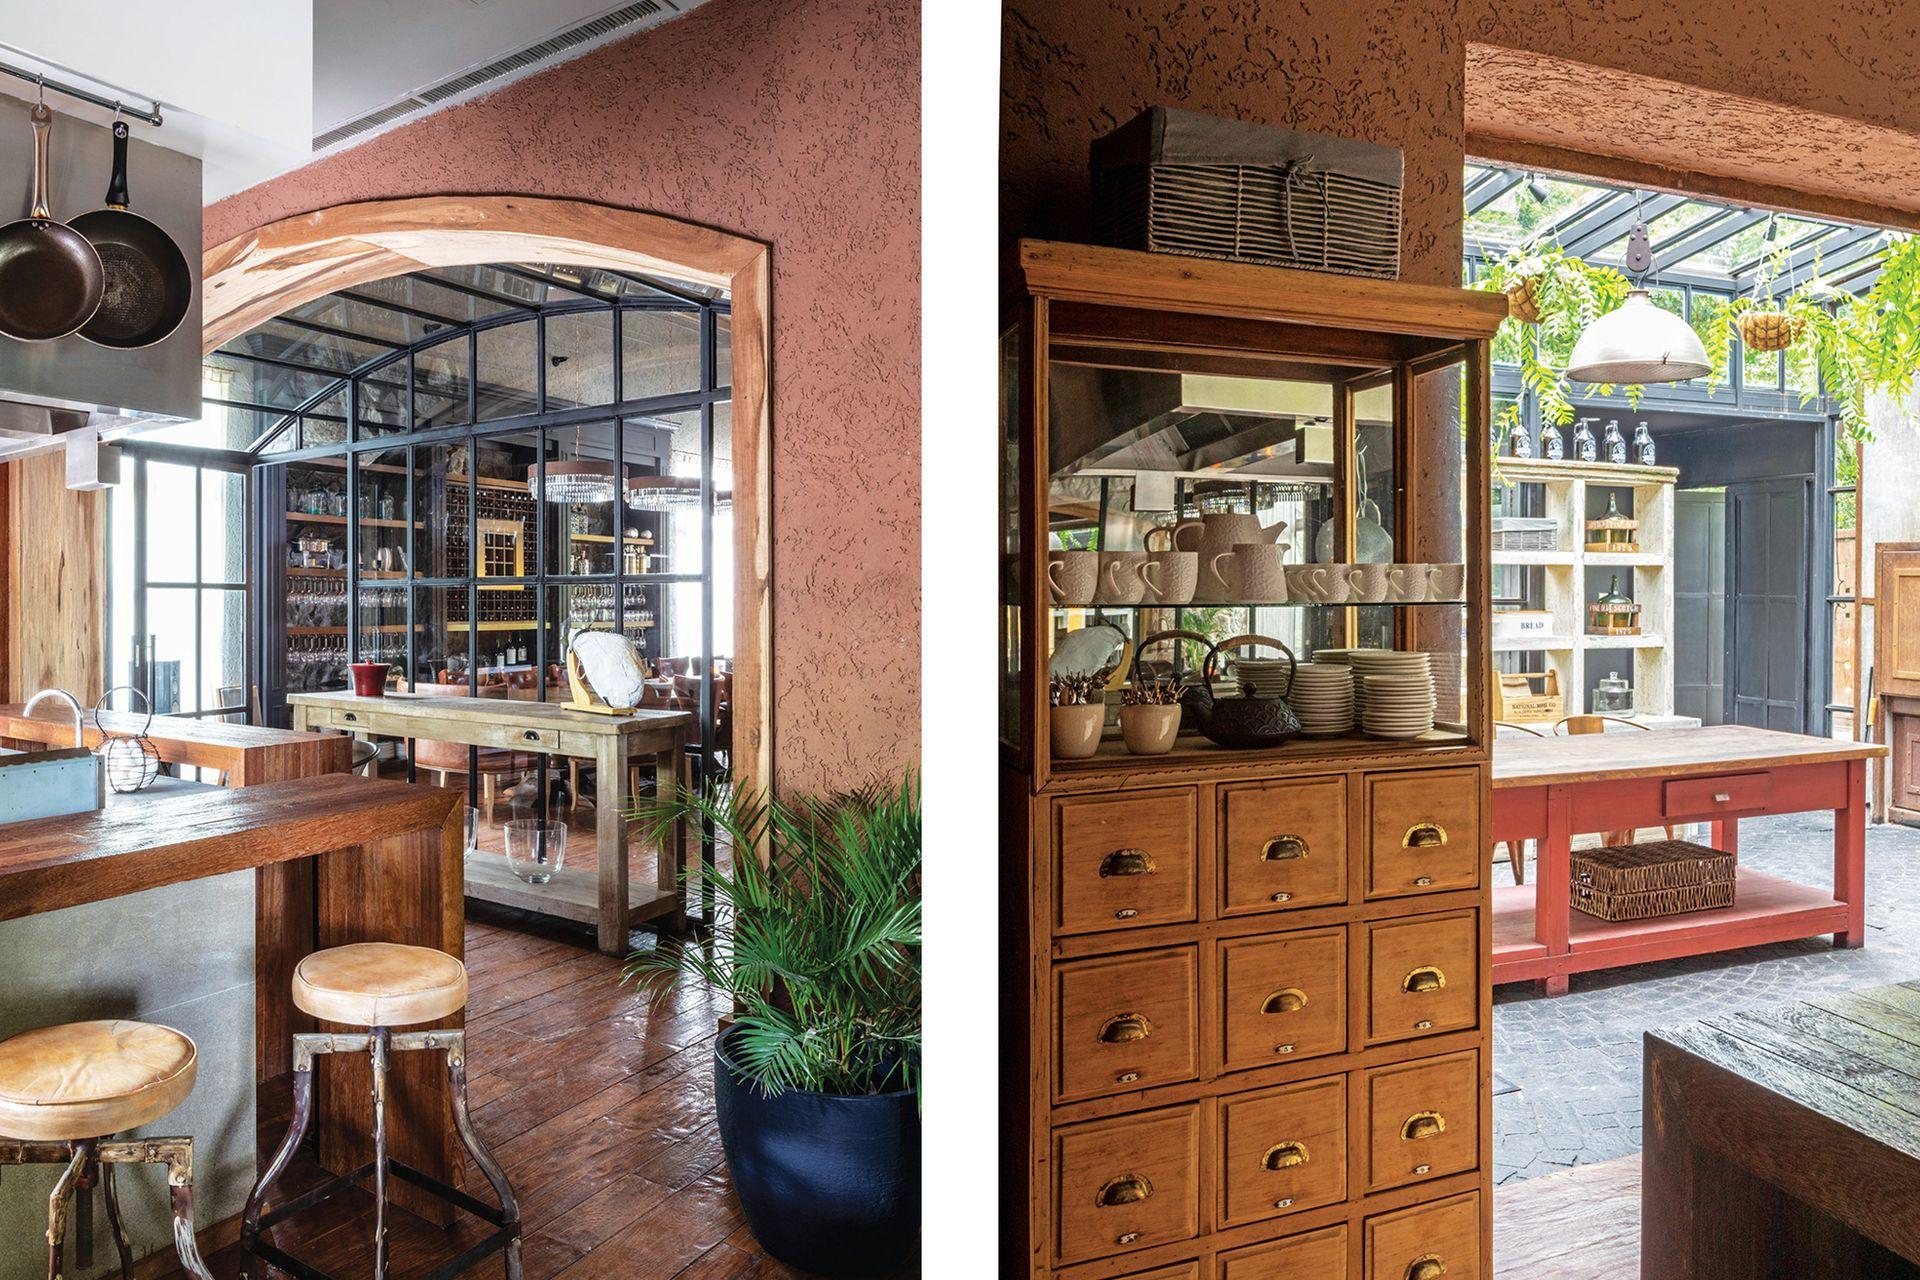 Mueble de almacén con cajones (Antigüedades González).Huevera de alambre (Euge Cozzani Diseños). Maceta con una palmera areca (Enraizar). Banquetas (Orlando Deco).